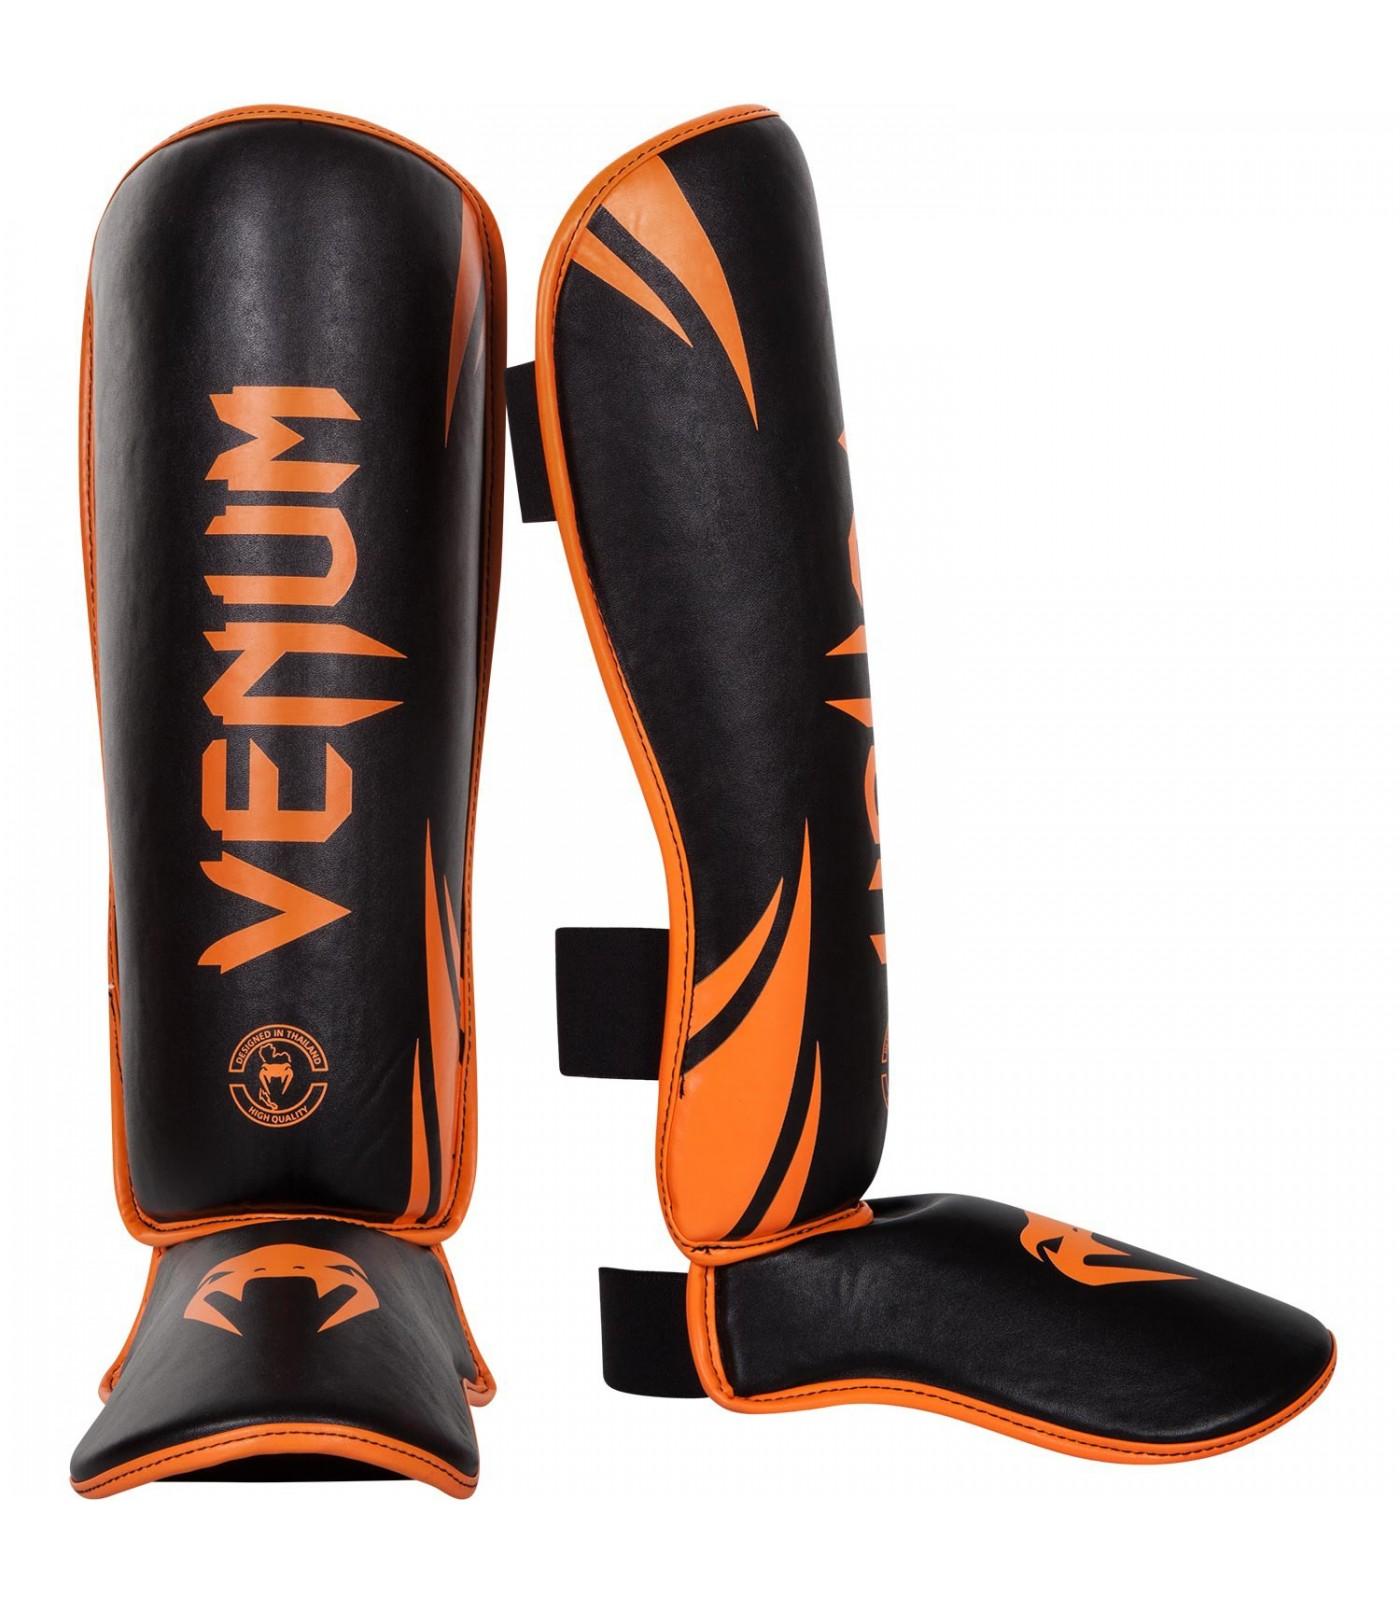 Протектори за крака - Venum Challenger Standup Shinguards - Neo Orange/Black